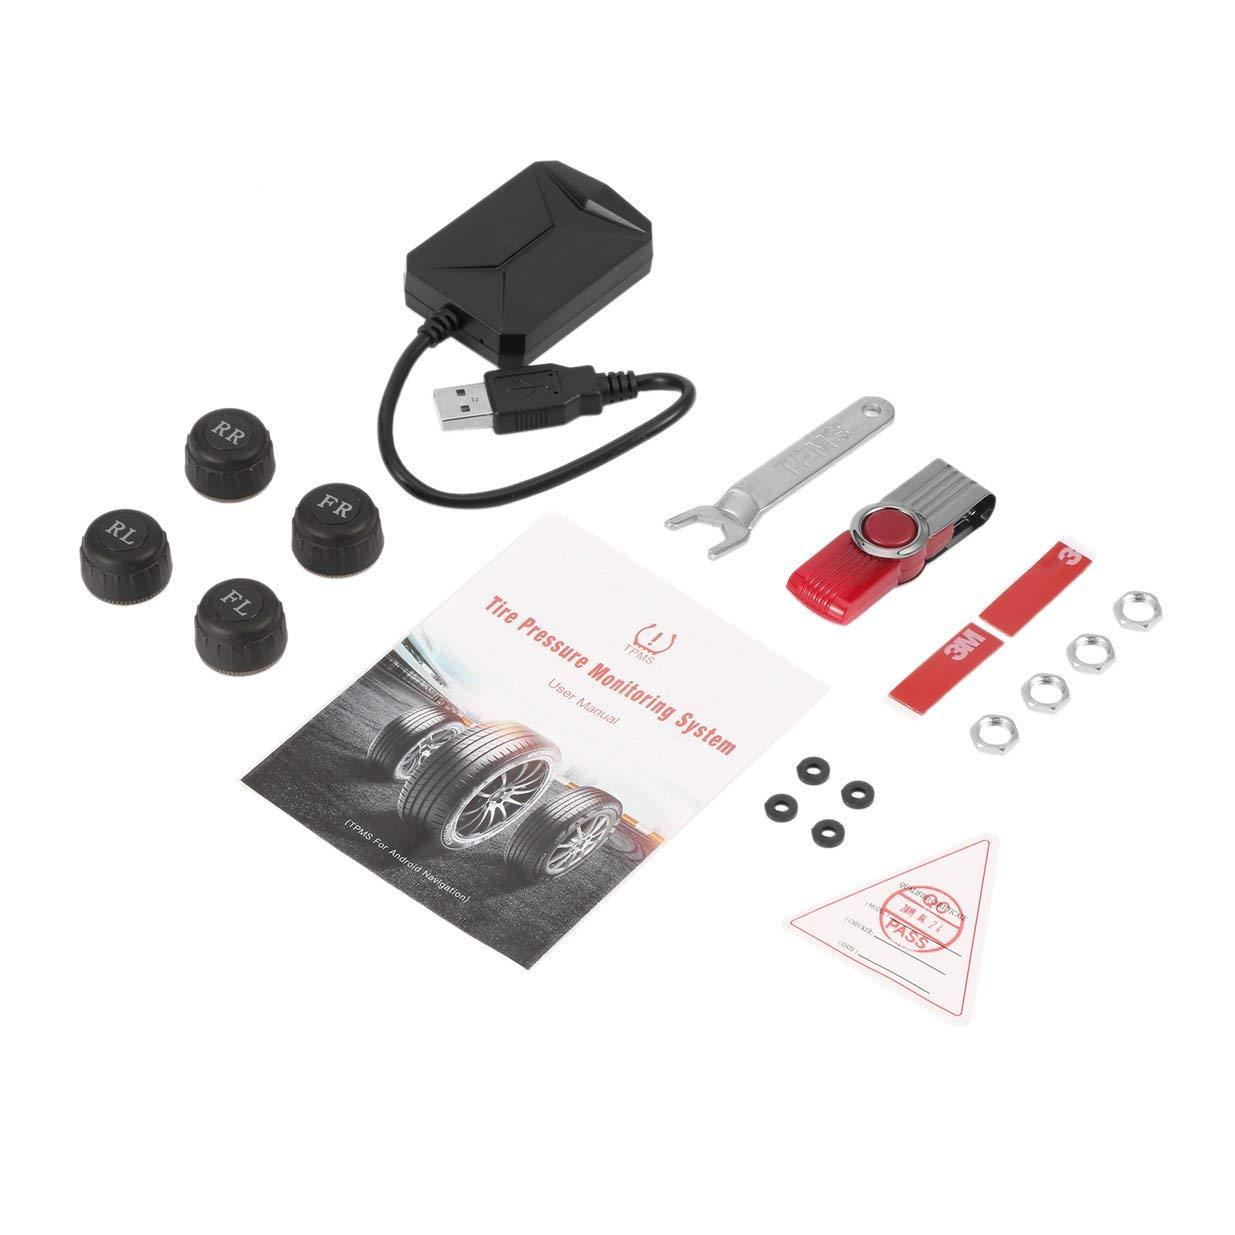 Sistema Universal de monitoreo de presión de neumáticos con Android TPMS y 4 sensores externos con Sistema de Alarma de Seguridad para automóviles: ...